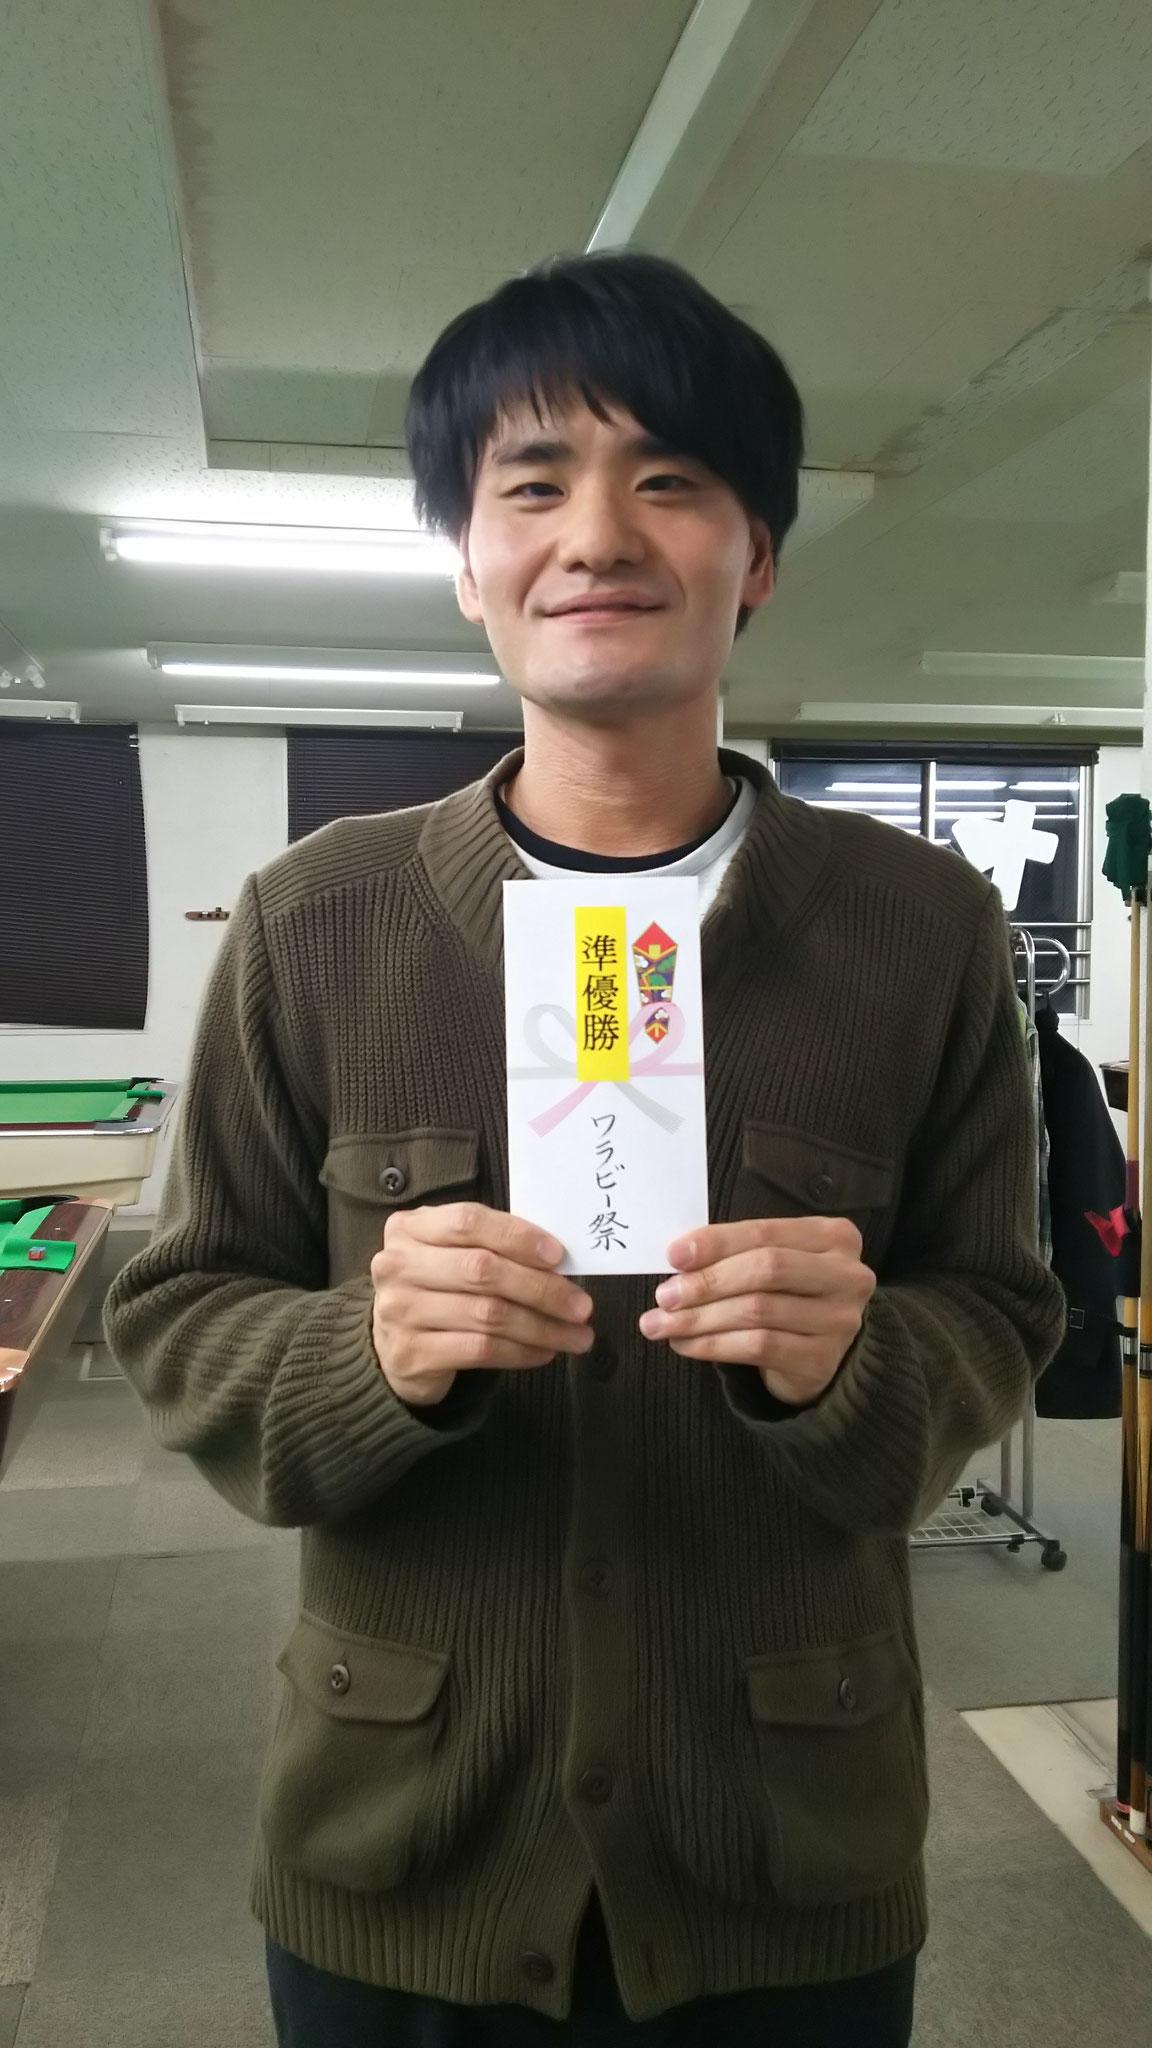 ワラビー祭、準優勝の竹原氏、ファイト!